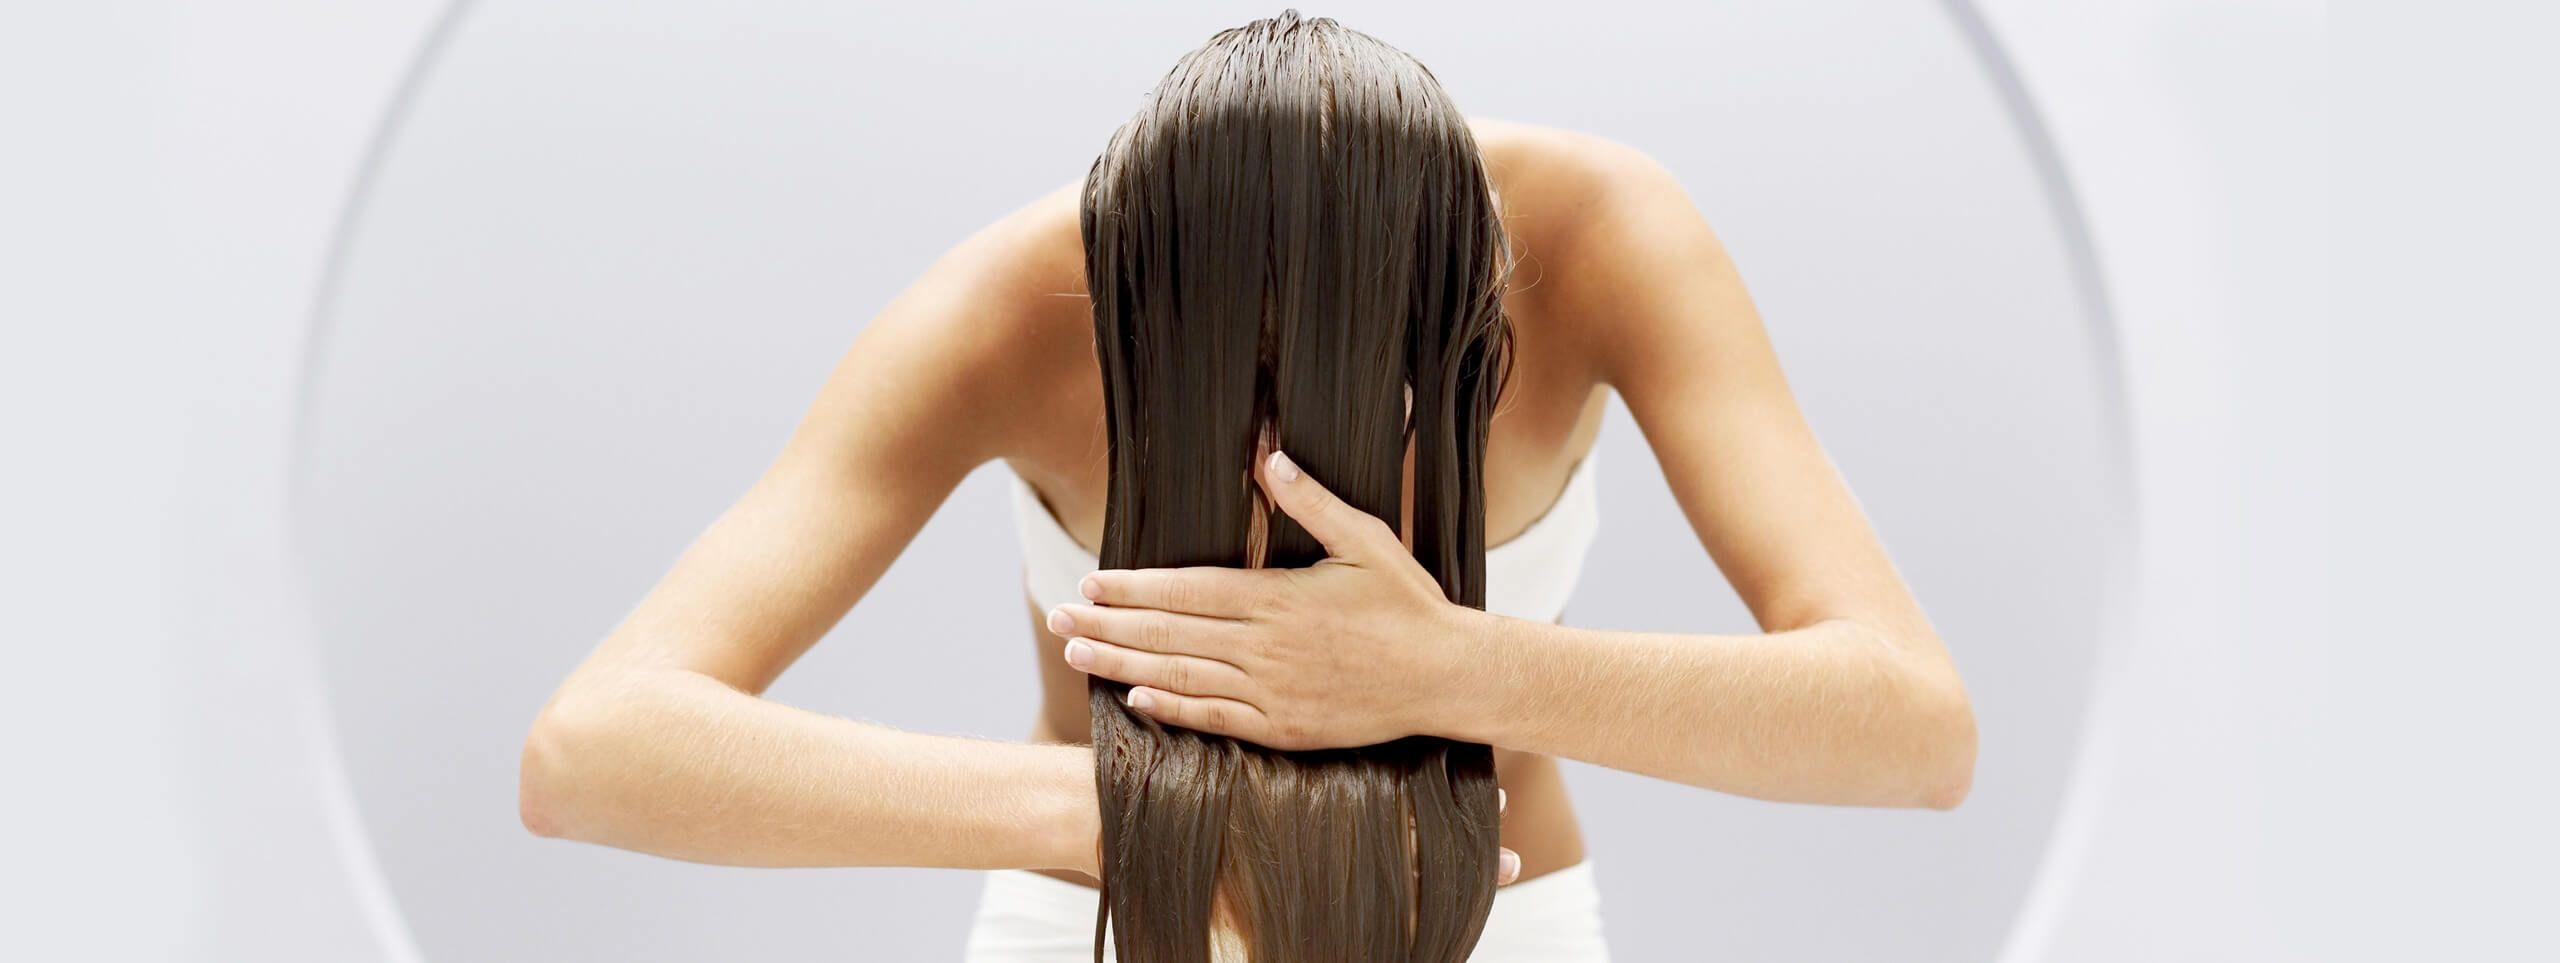 Femme brune prenant soin de ses cheveux